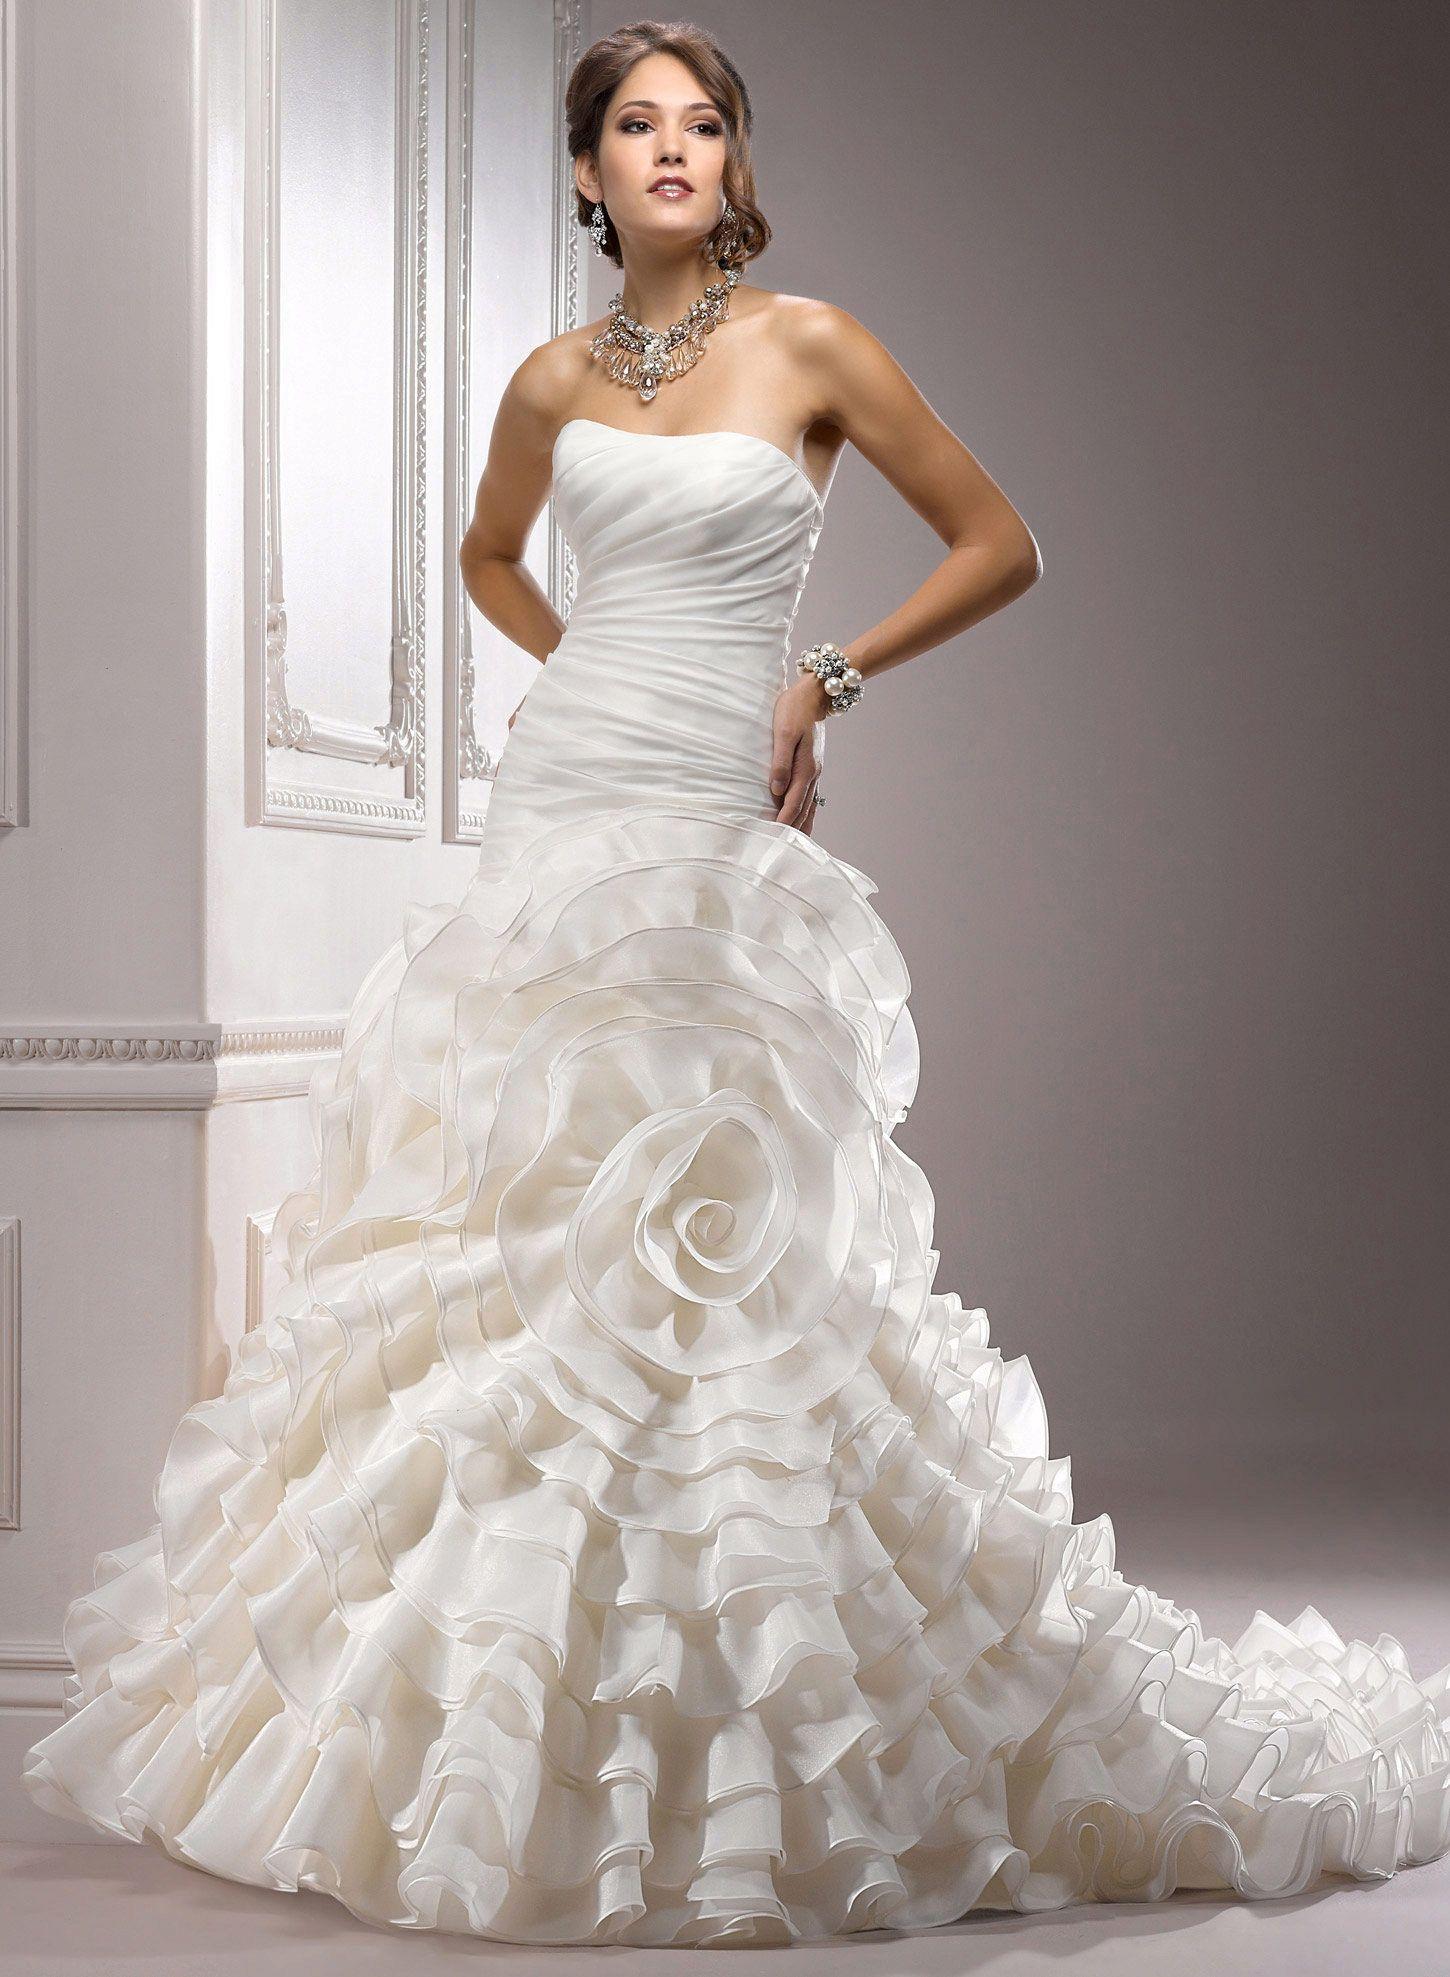 целом самое красивое платье невесты фото авторов заключалась том